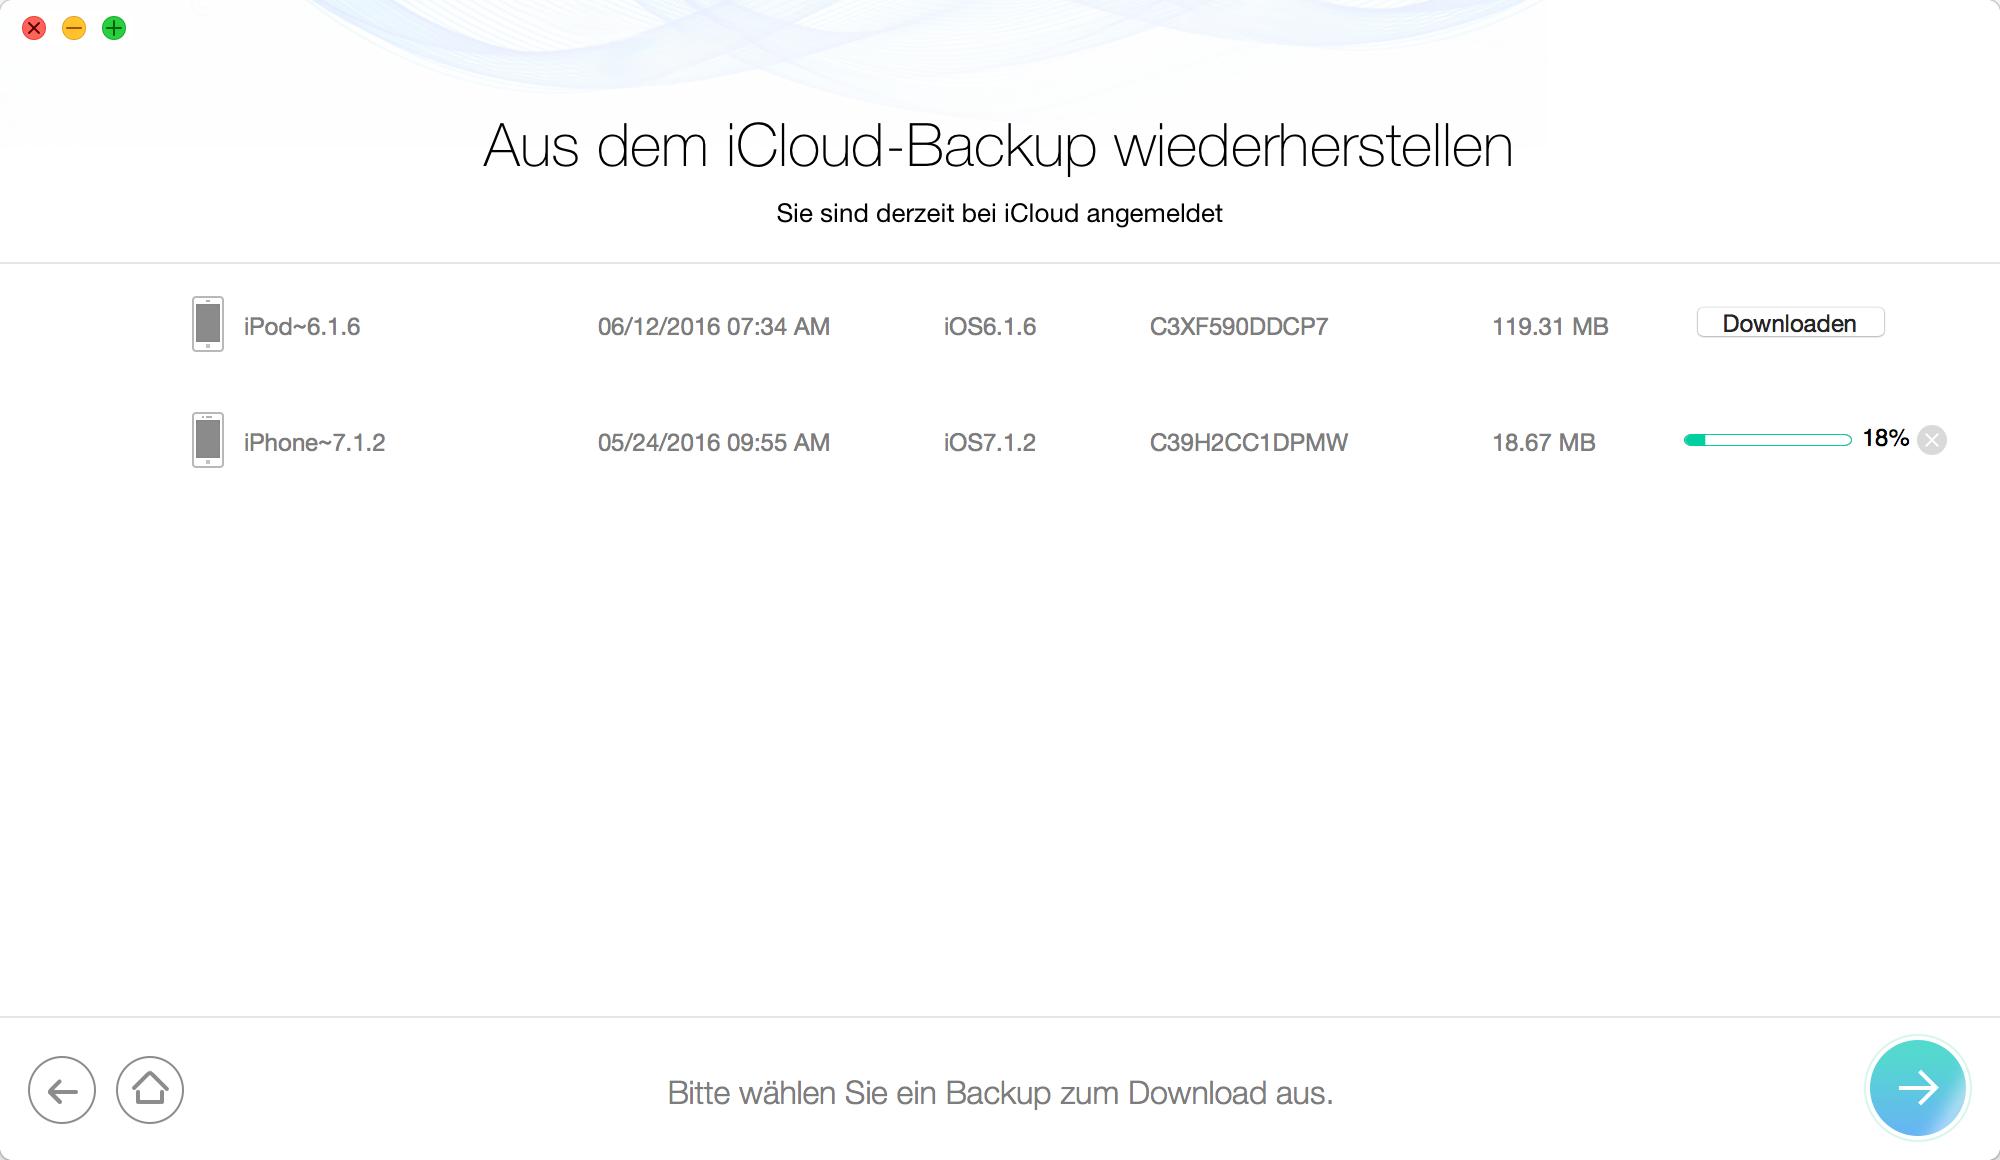 iCloud-Backup downloaden